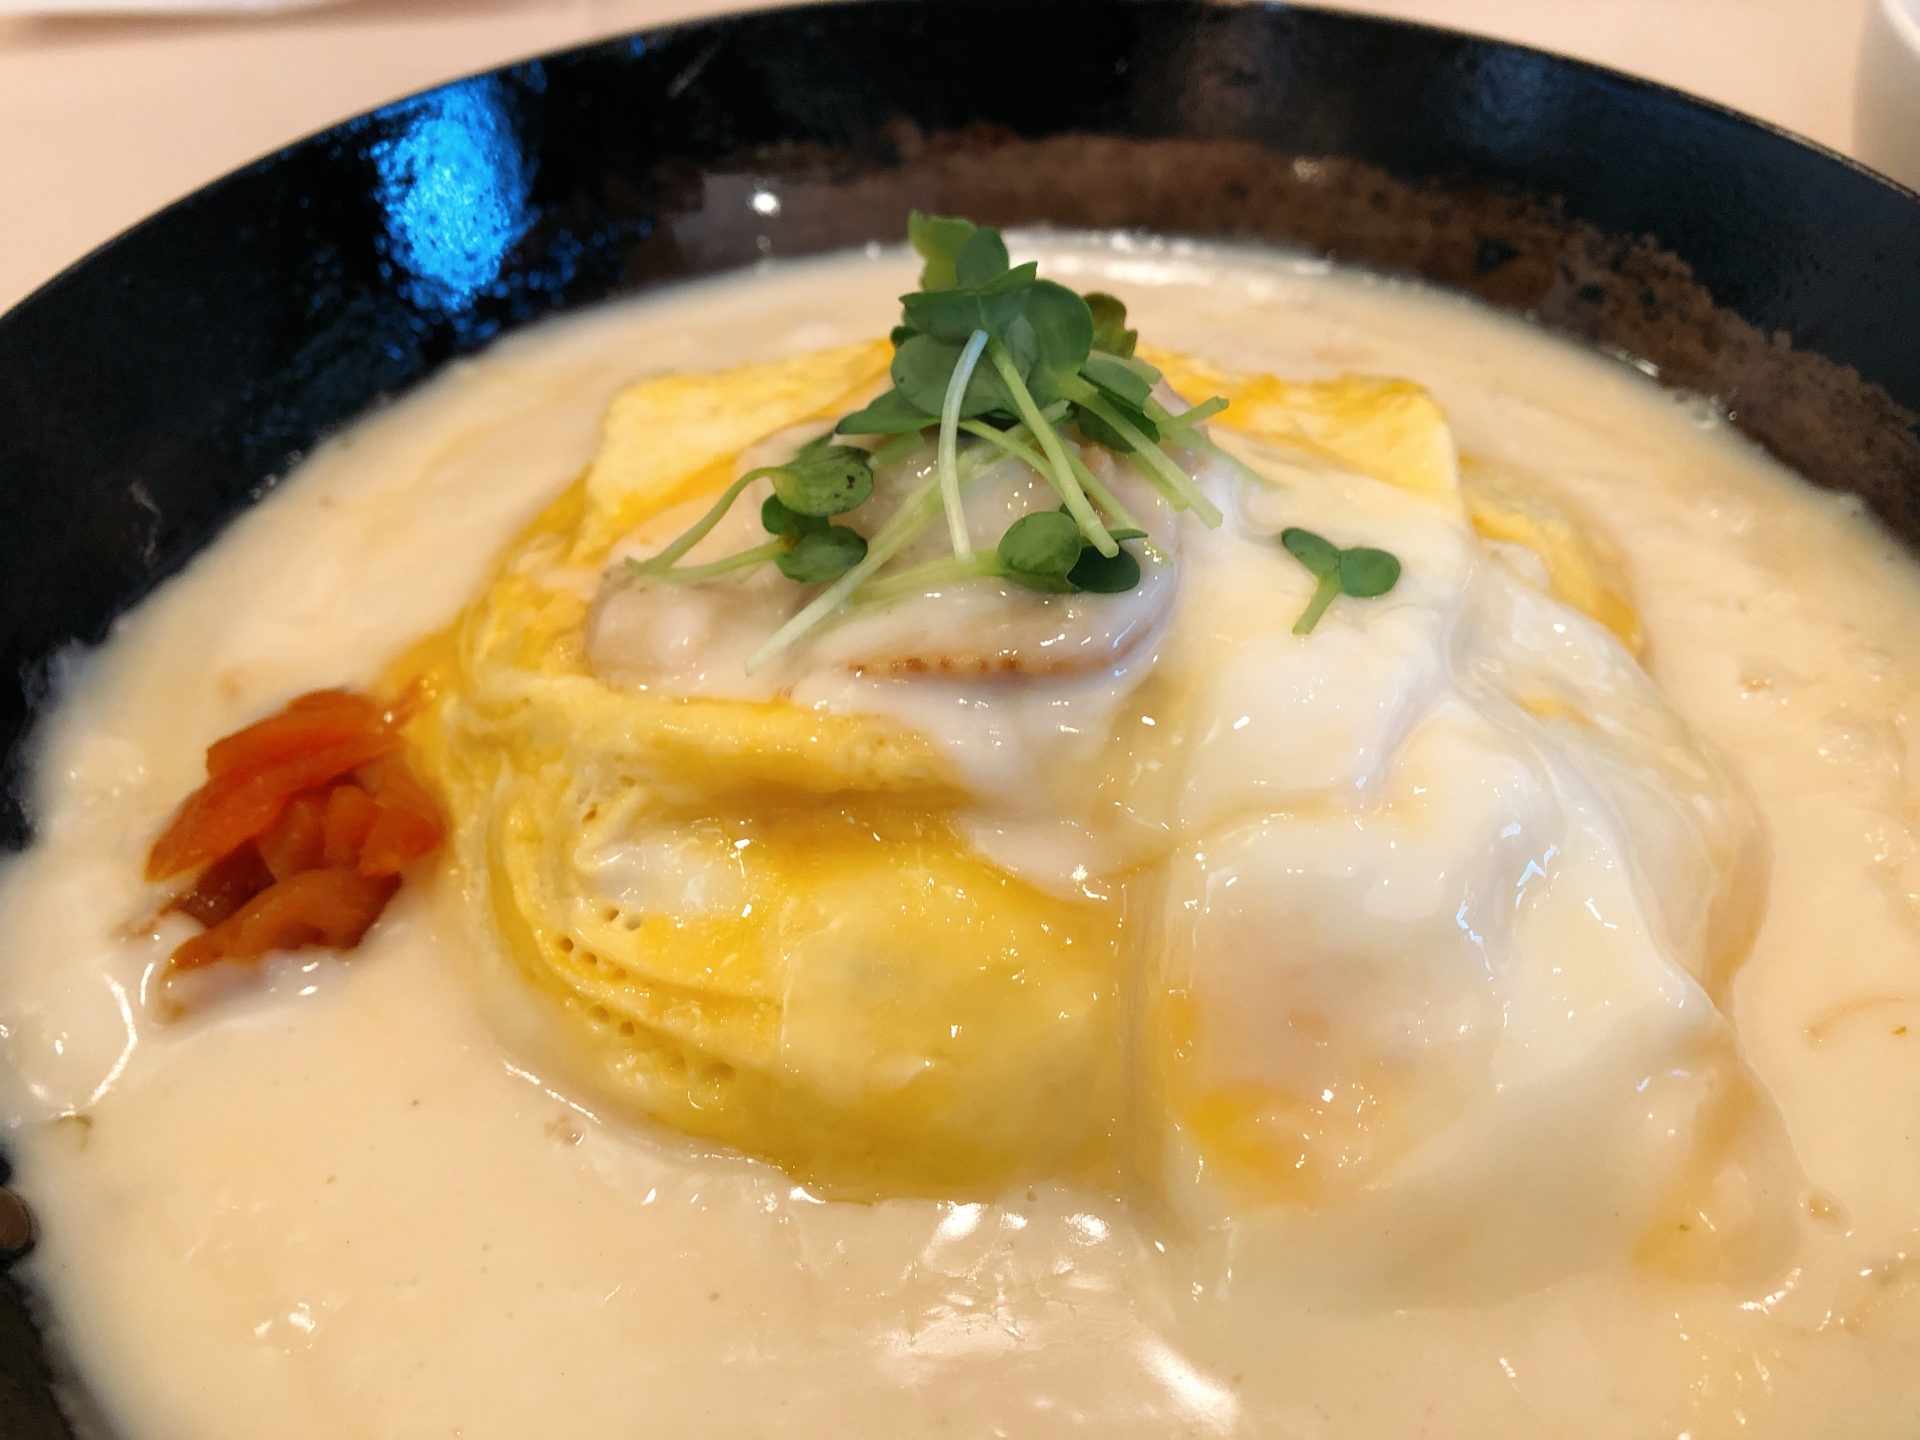 高梁駅から徒歩約10分 カフェ・レスト・シャトーの雲海オムライスは、濃厚ホタテのクリームソースがベストマッチ!